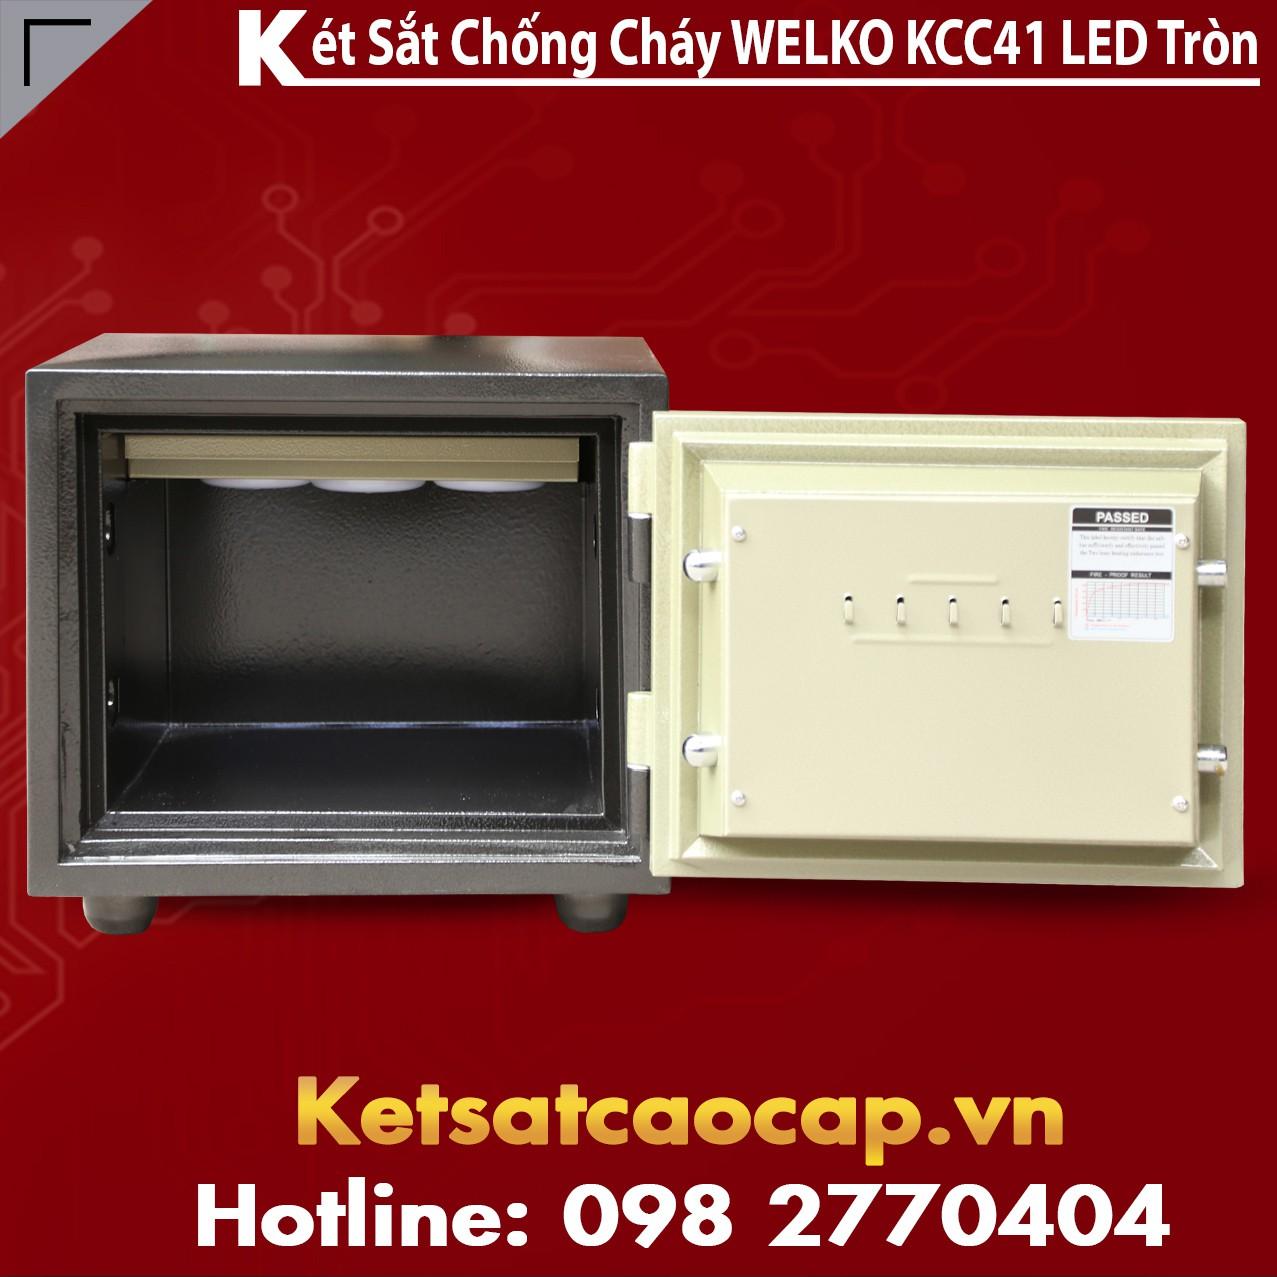 Két Sắt Chống Trộm KCC41 - Led Tròn